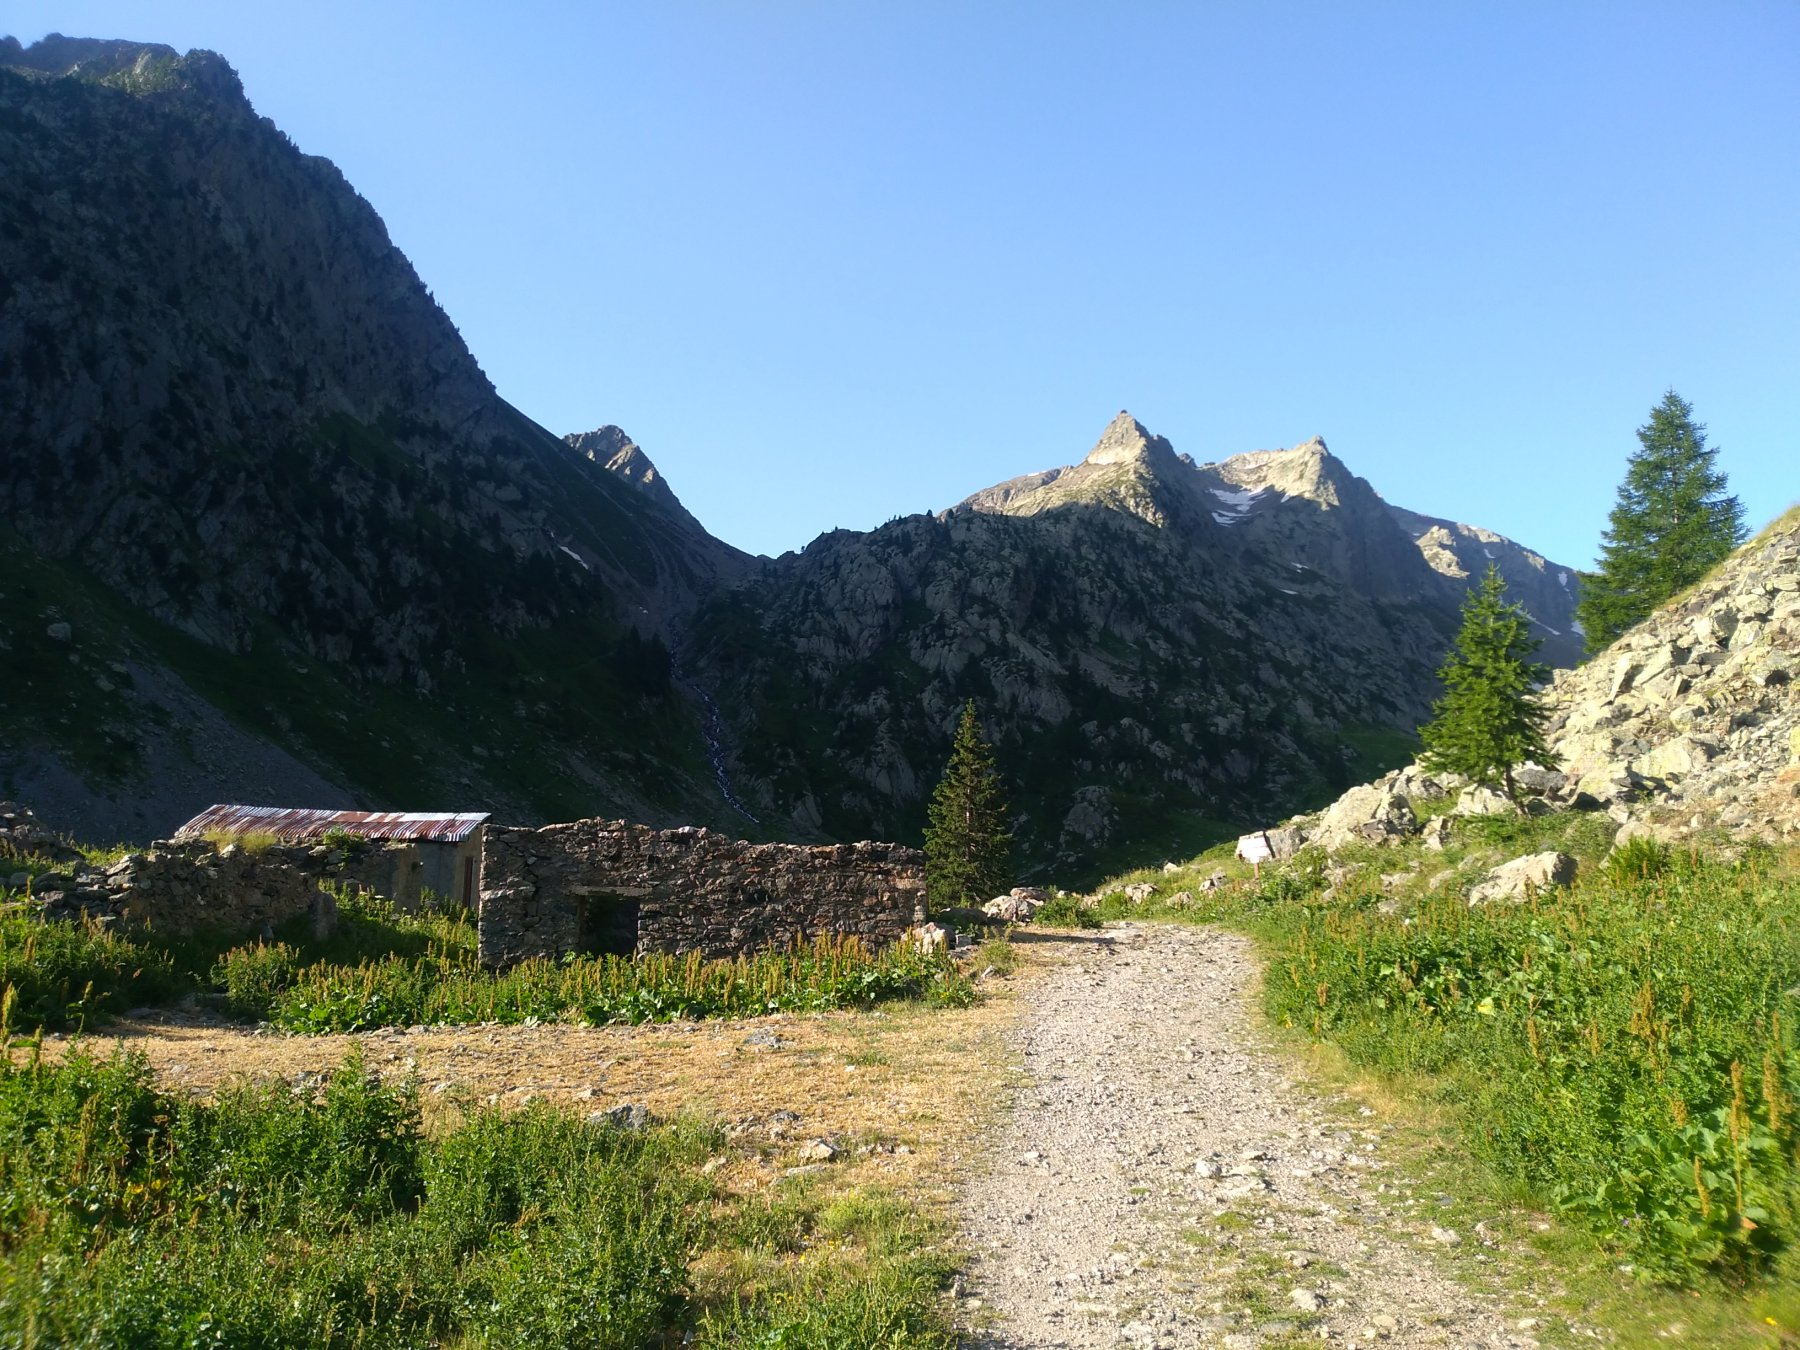 Autaret (Testa dell'), cime Ovest e Centrale da San Bernolfo per il Passo di Collalunga 2019-07-06